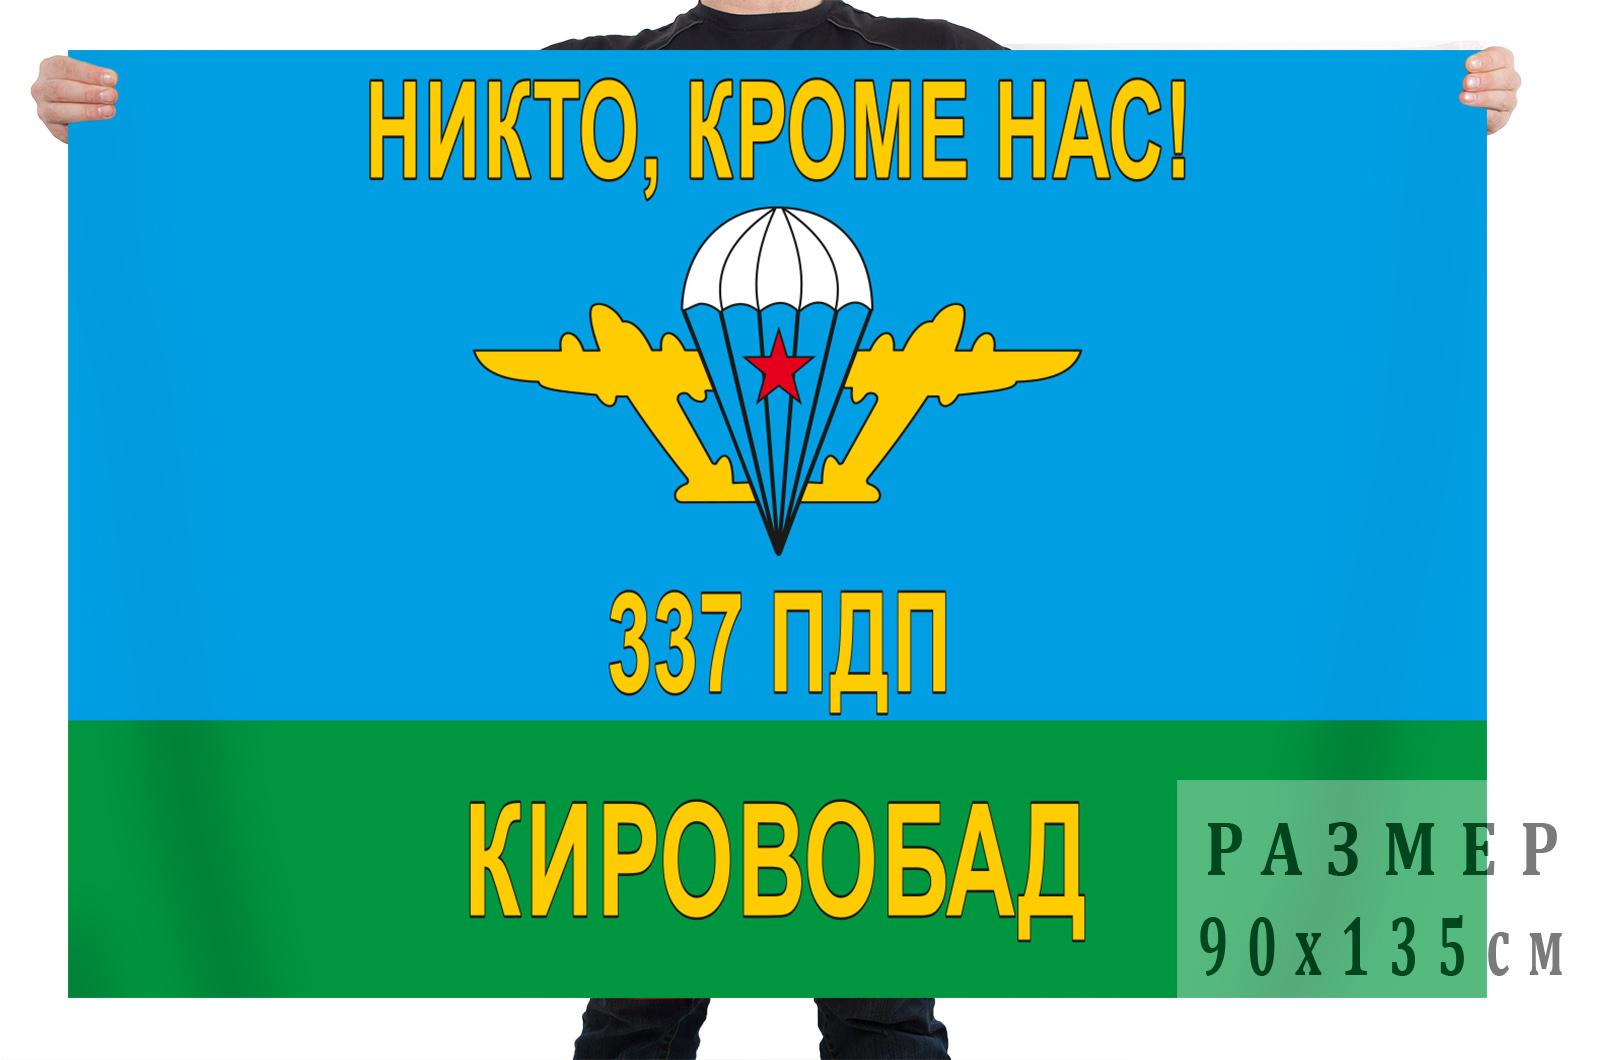 Флаг 337 полк ВДВ, Кировабад